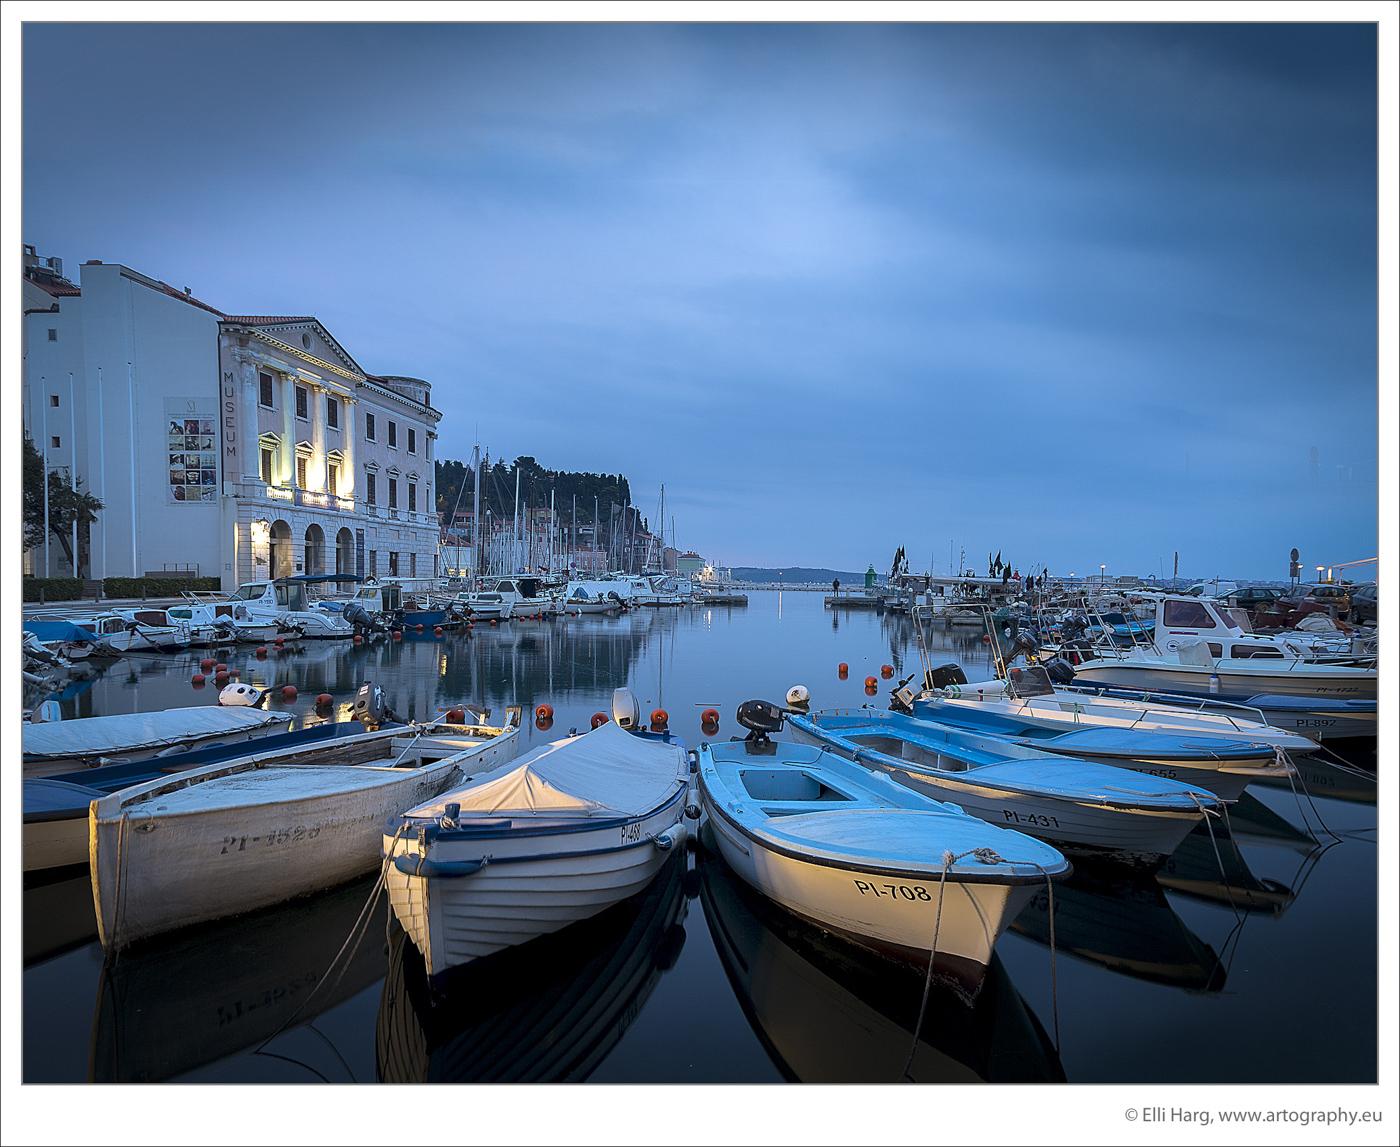 Sogar viele Boote machen ihren Winterschlaf in Piran...